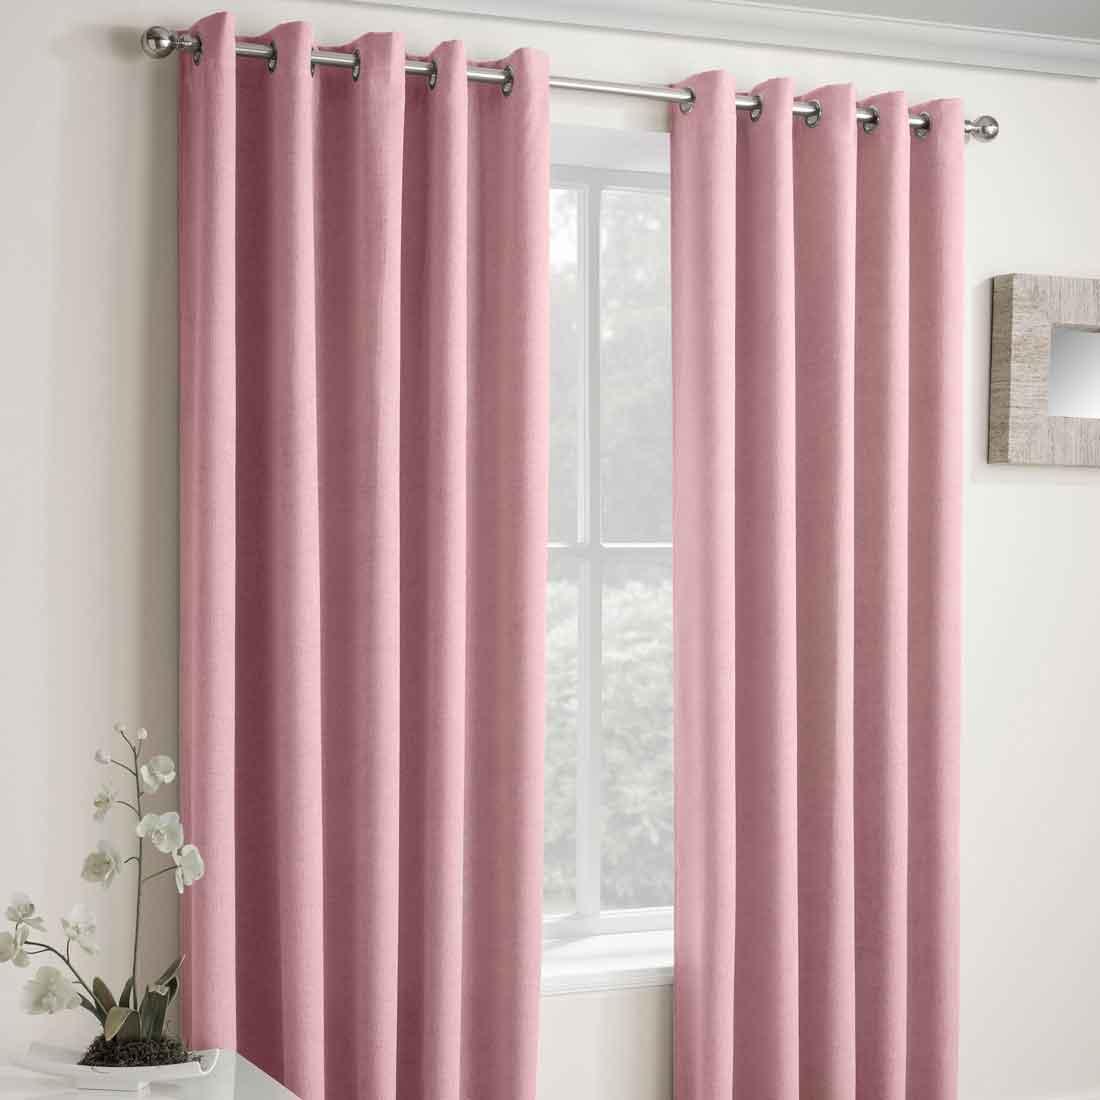 Vogue Blush Thermal Eyelet Curtains